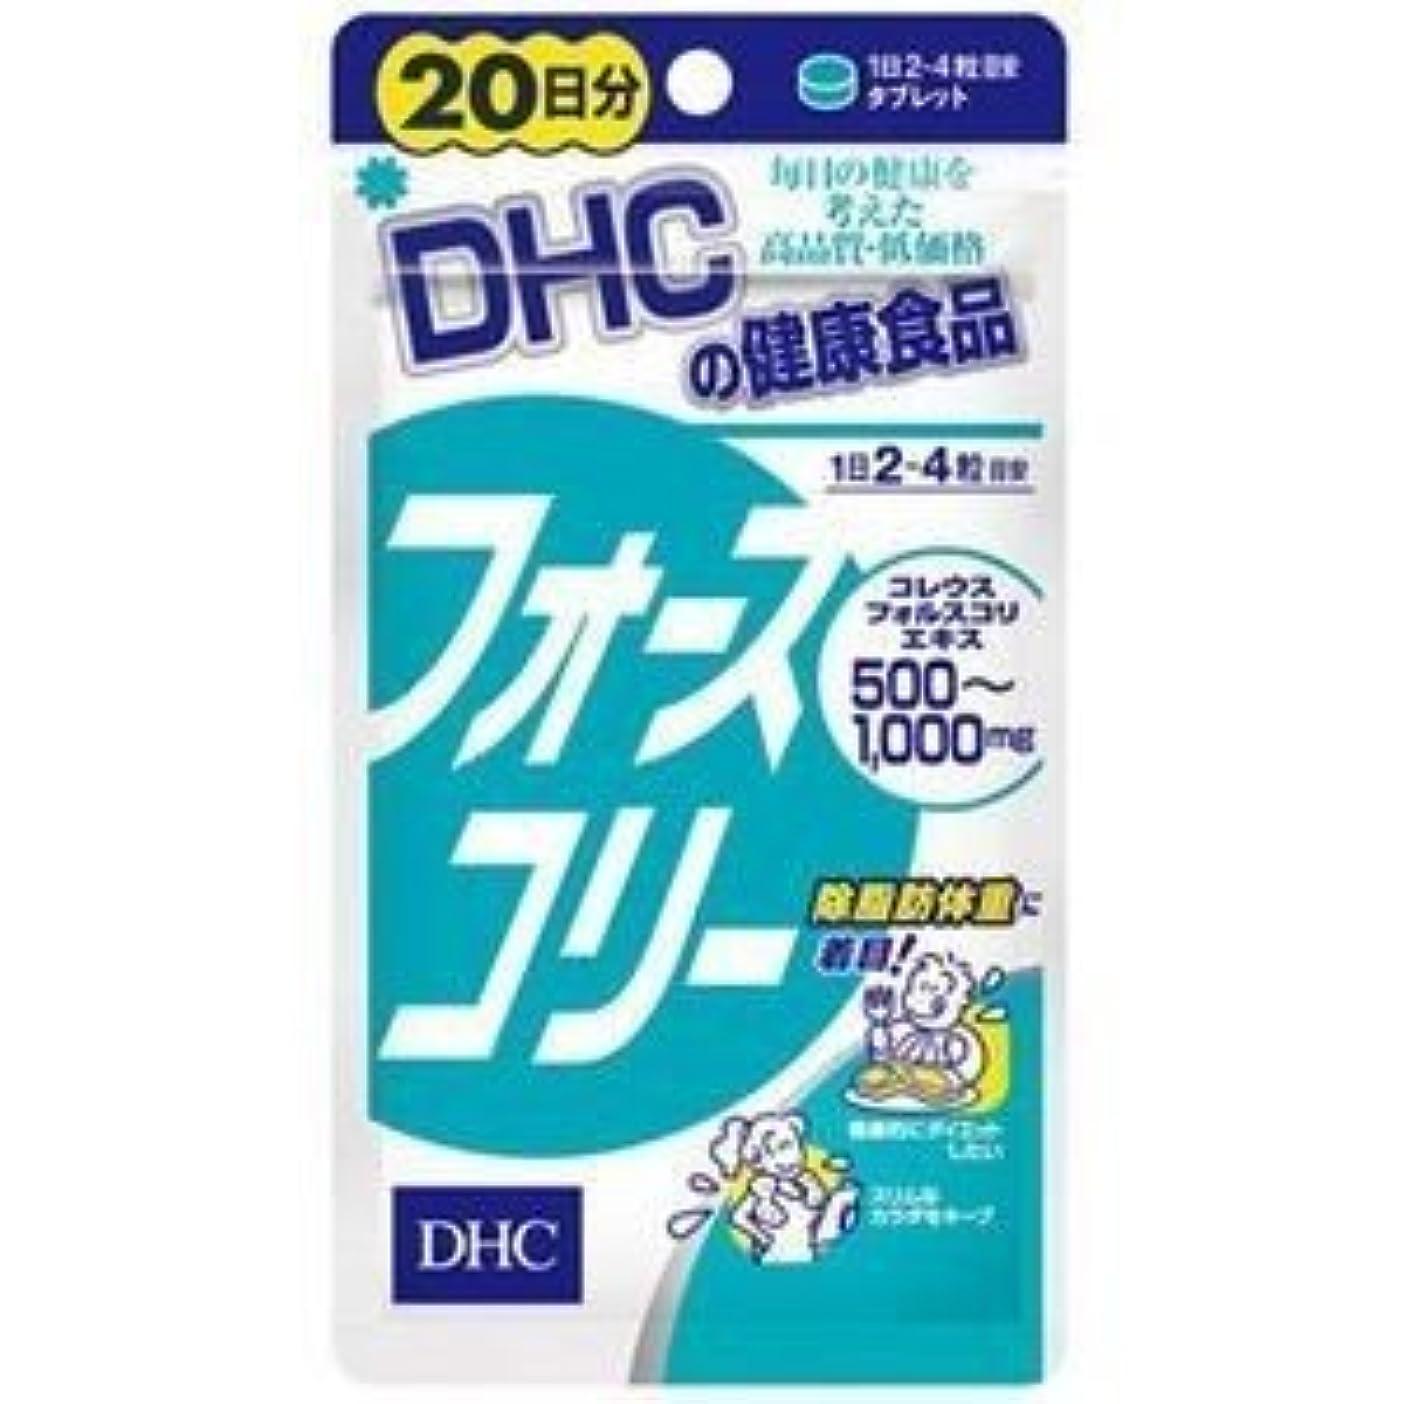 看板不定貸し手DHC フォースコリー 20日分 80粒